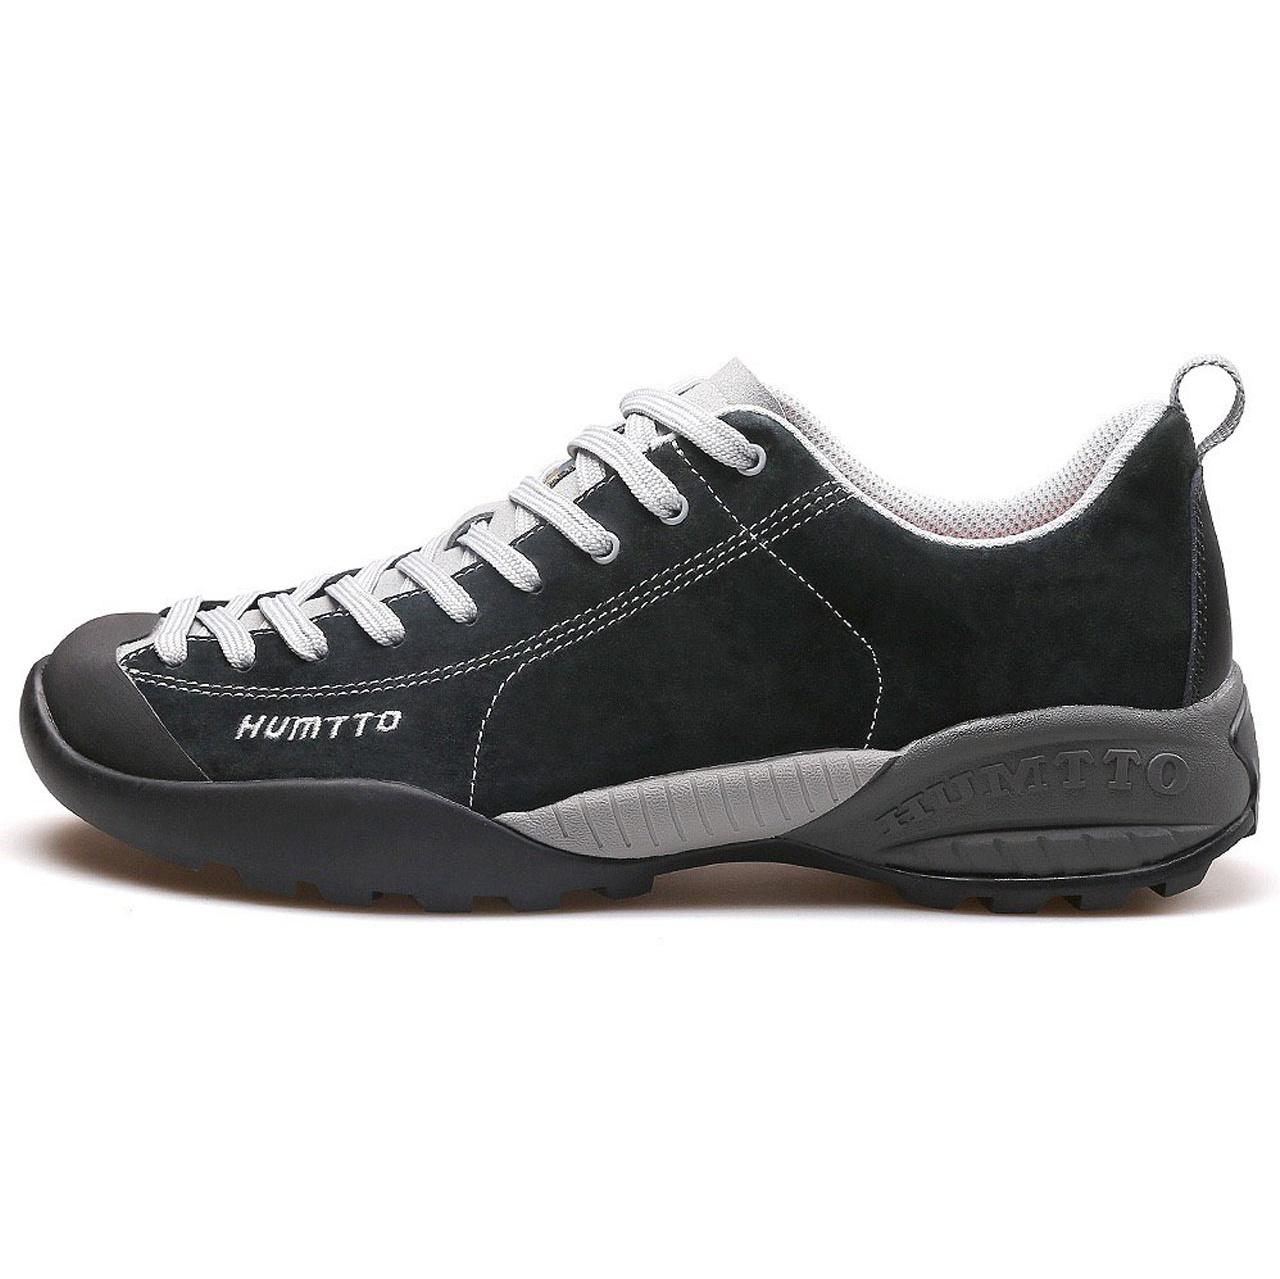 کفش مخصوص پیاده روی مردانه هامتو کد 110030A-1